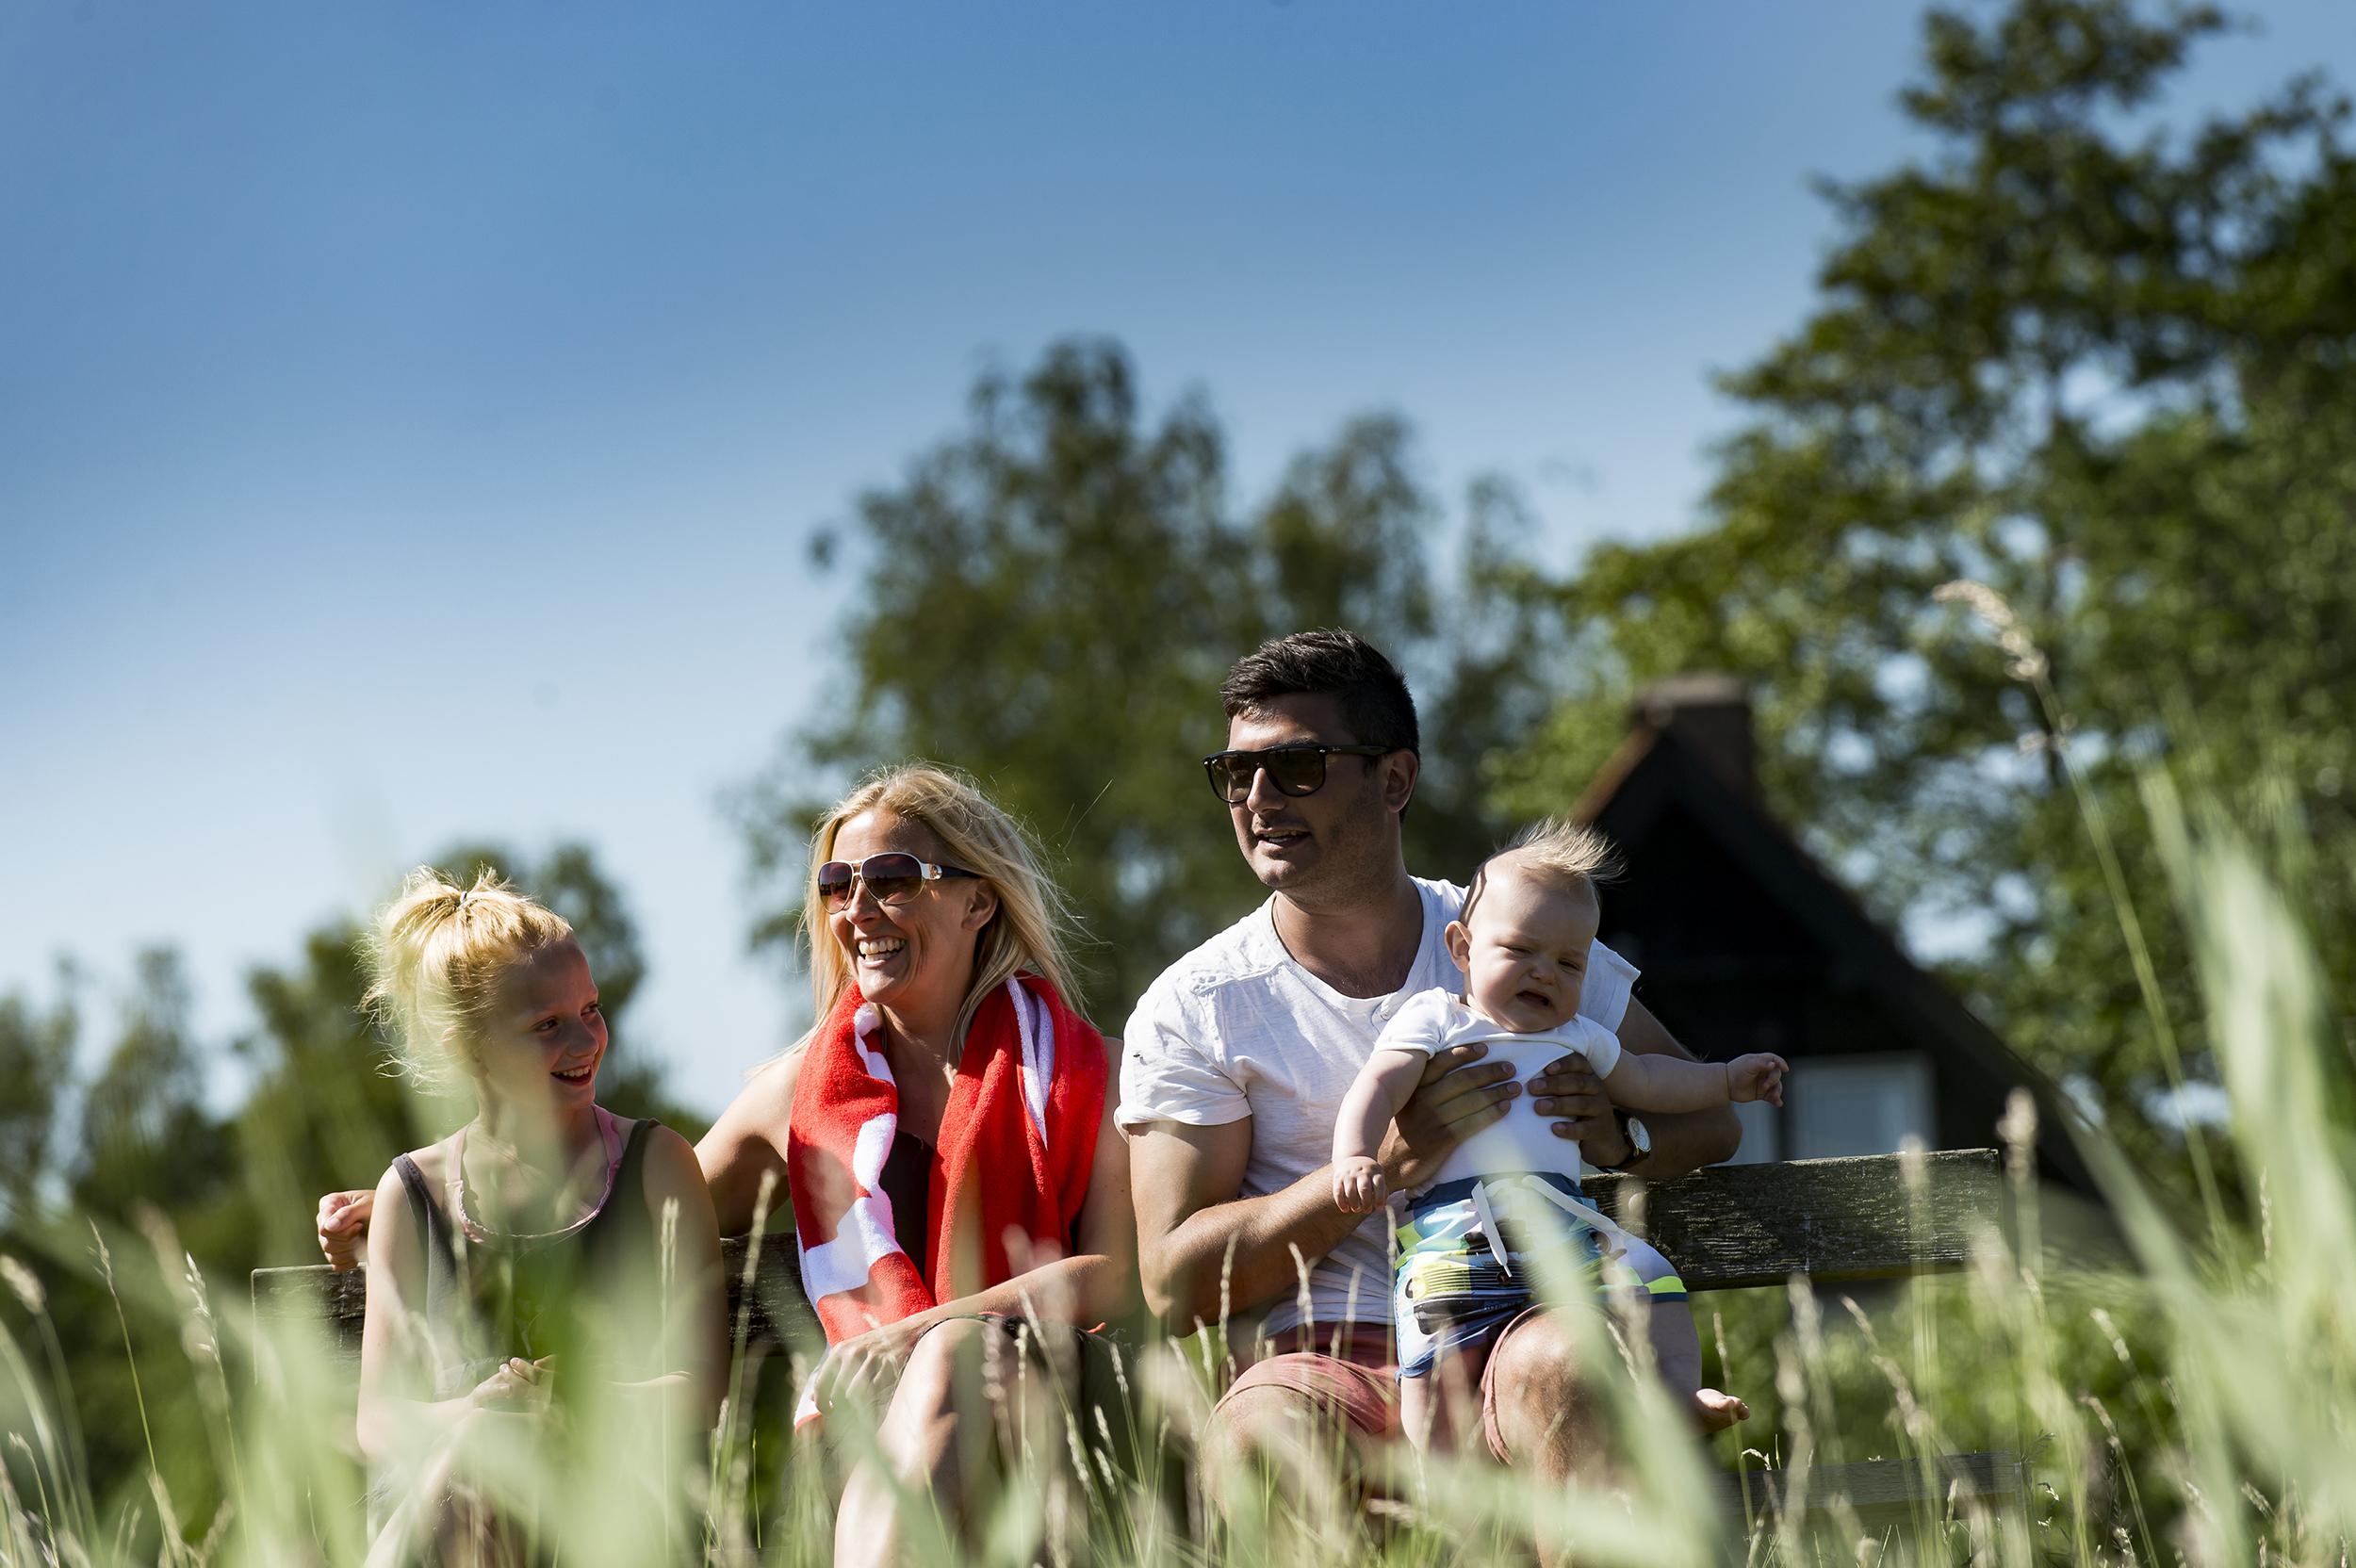 Undersøgelse fra ejendomsmæglerkæden Home og Realkredit Danmark viser, at især kvinderne og de unge i gruppen 18-29 år har CO2-udledningen ved rejser til udlandet med i deres ferieovervejelser og om at anskaffe sig et sommerhus herhjemme. Pressefoto fra Home, Peter Palle Skov.